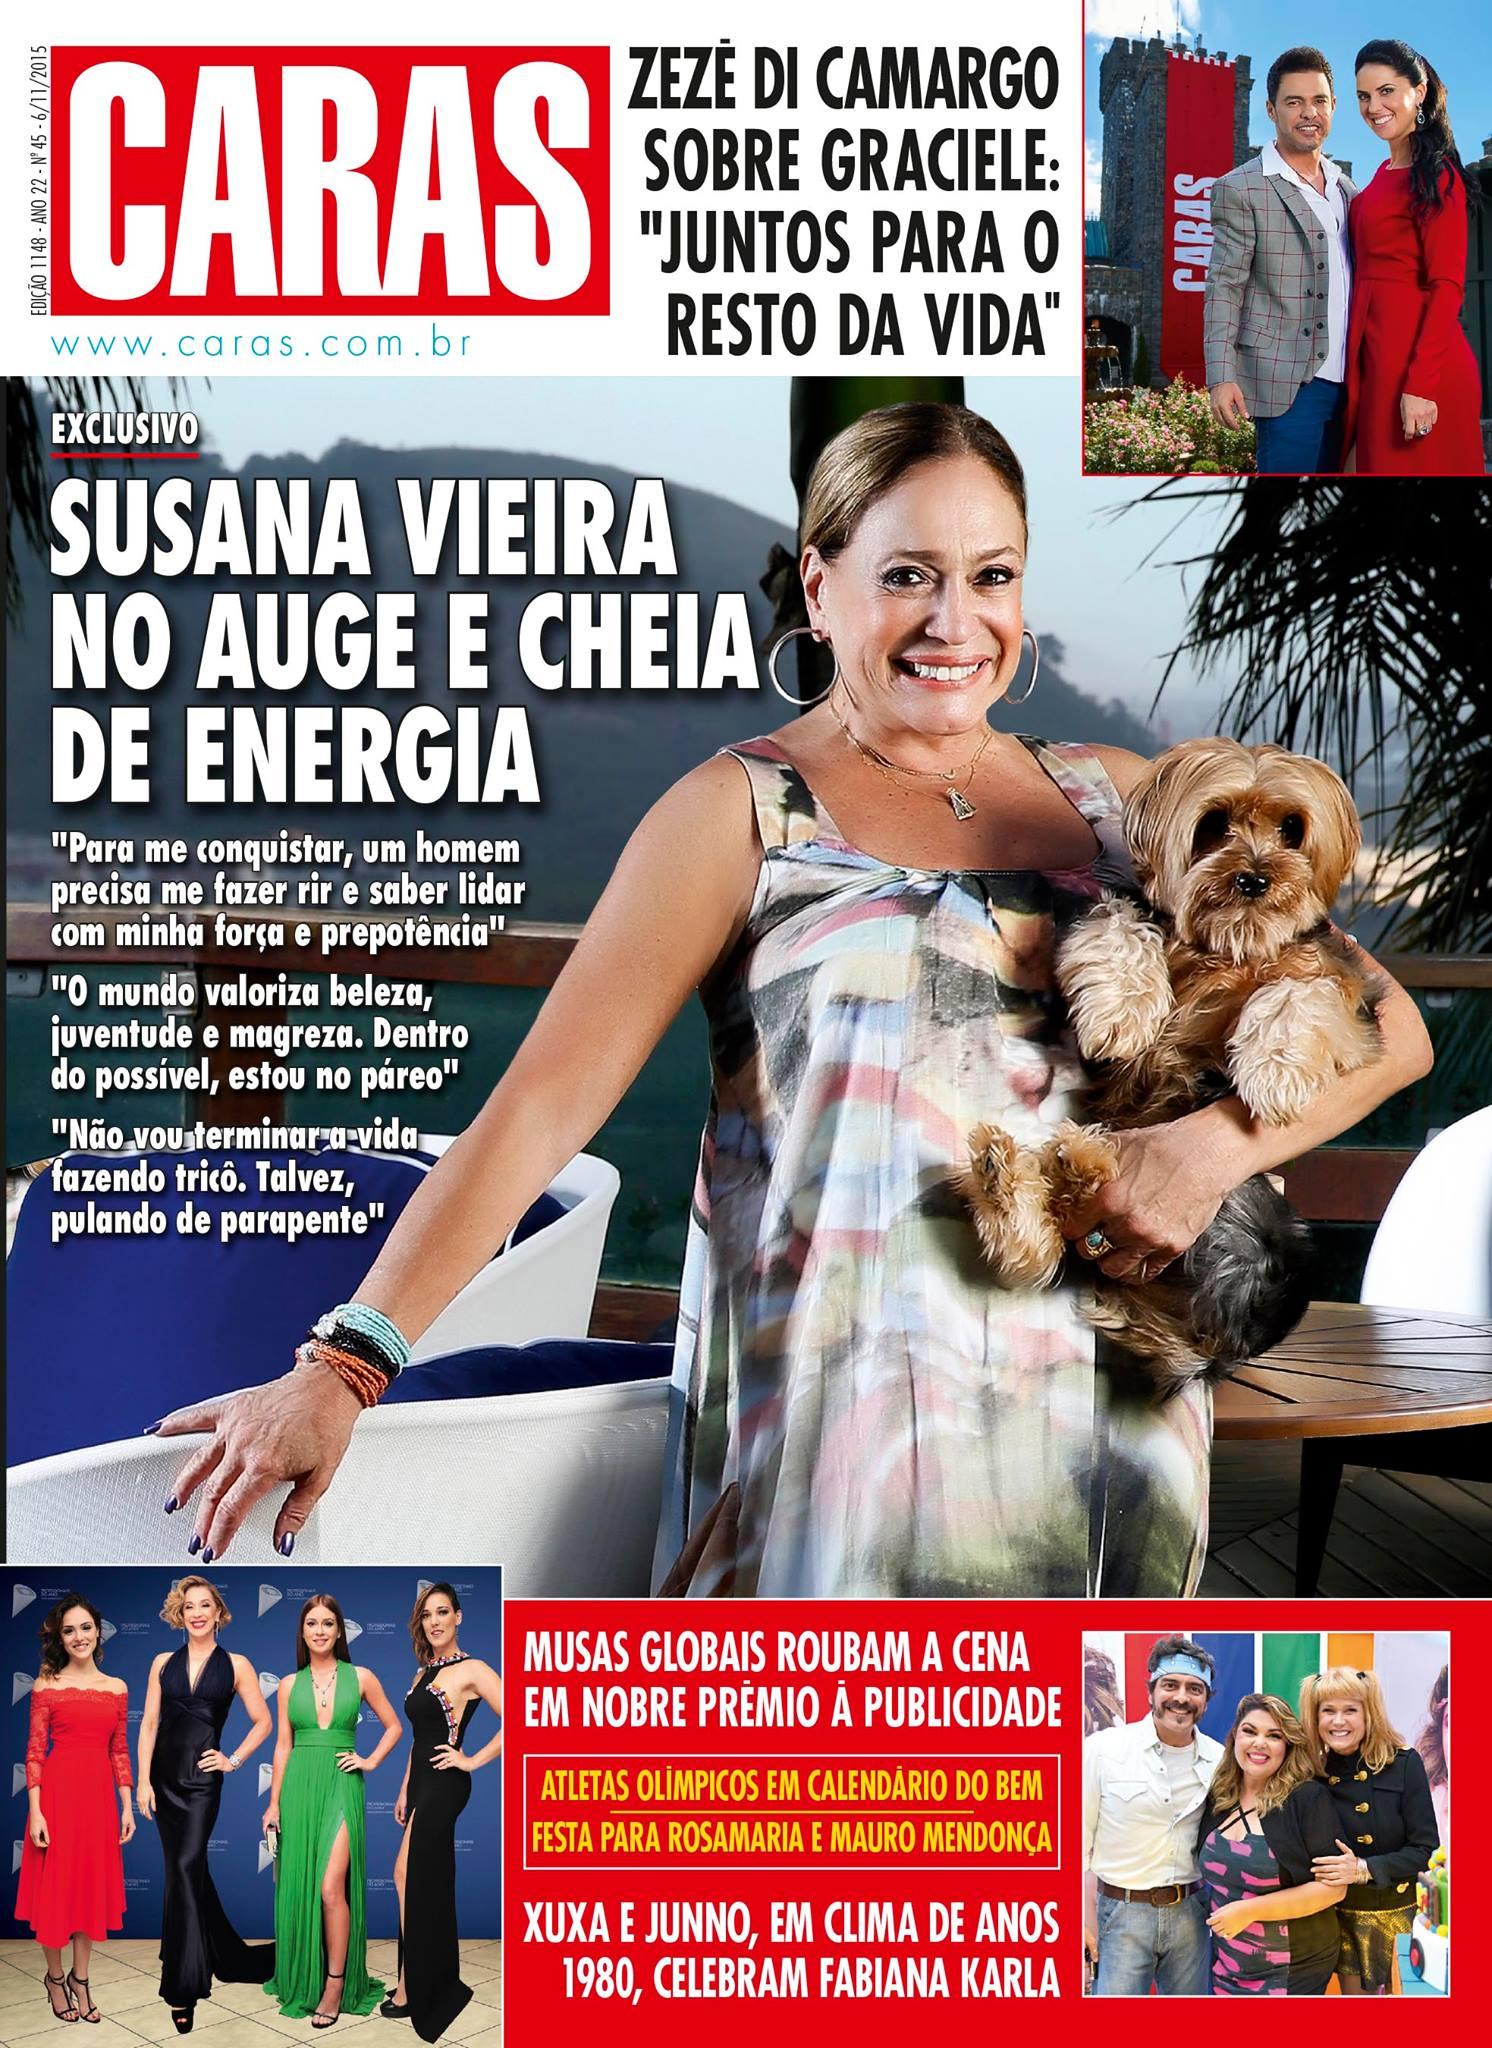 Na revista CARAS desta semana:  @eususanavieira no auge e cheia de energia; https://t.co/Btnl4ydvbO